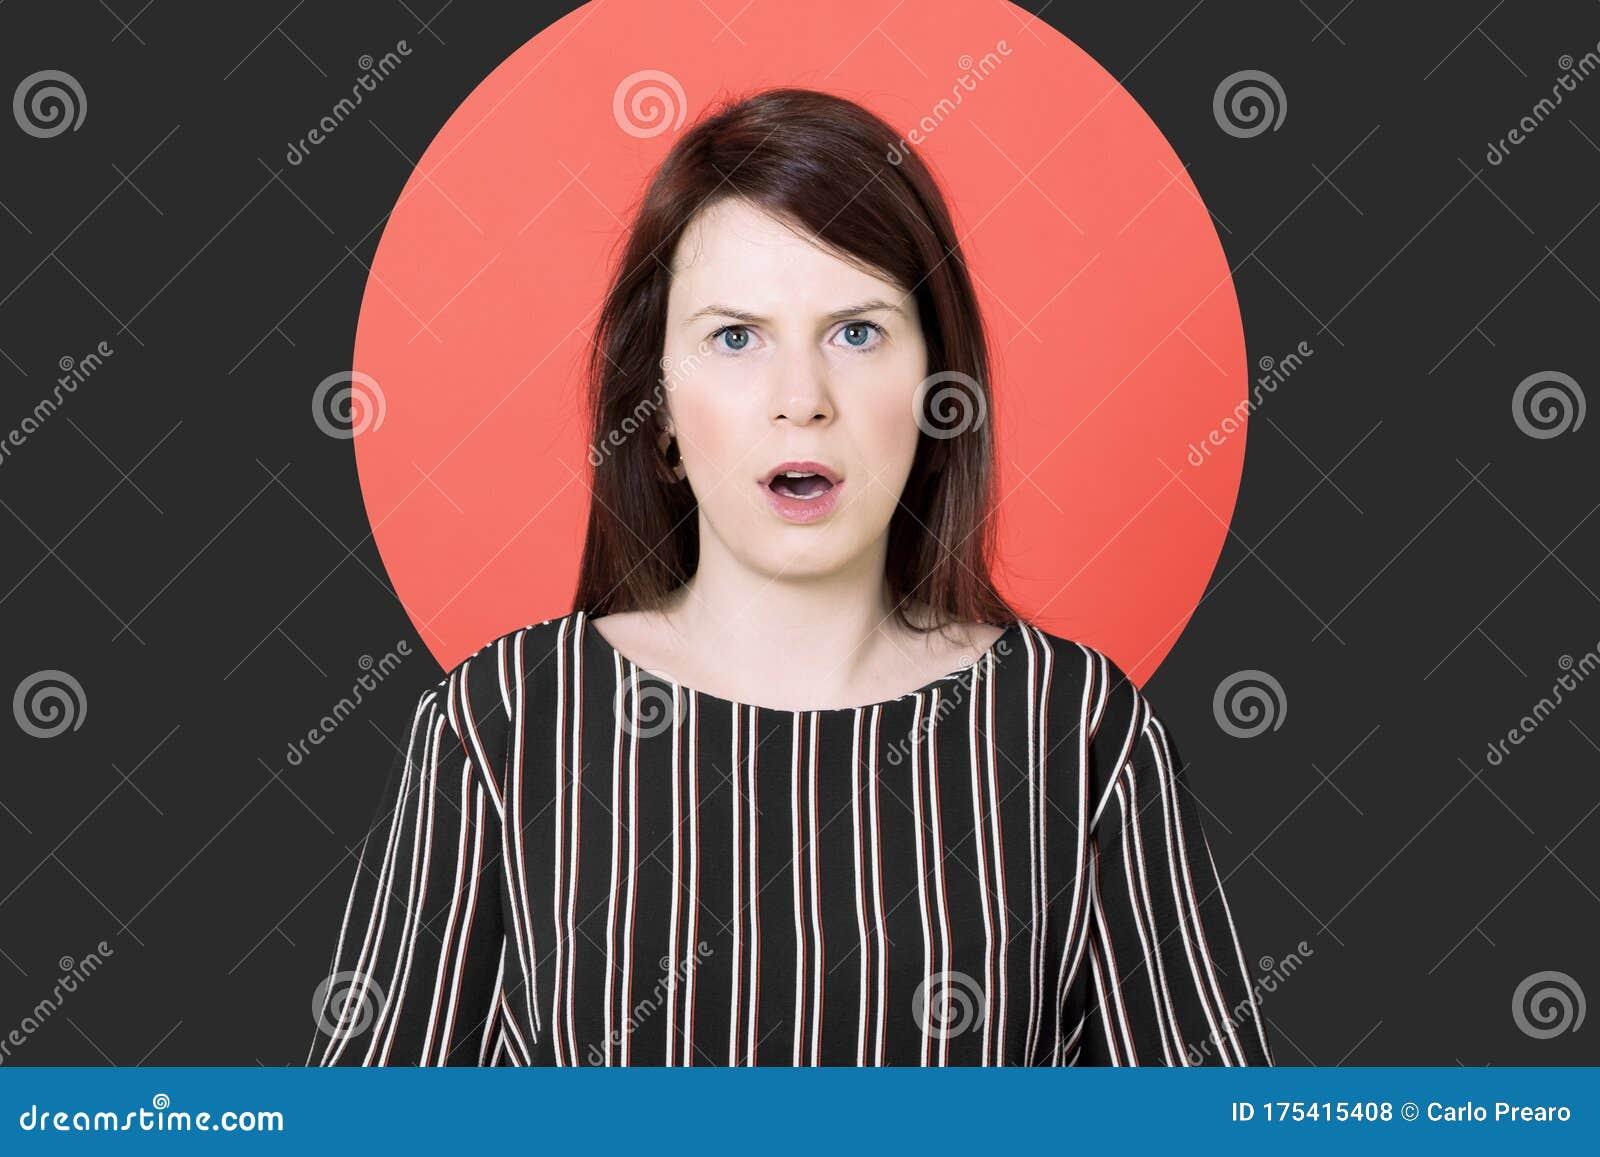 Schockierte Junge Frau Mit Mund Und Augen Offen In Rotem